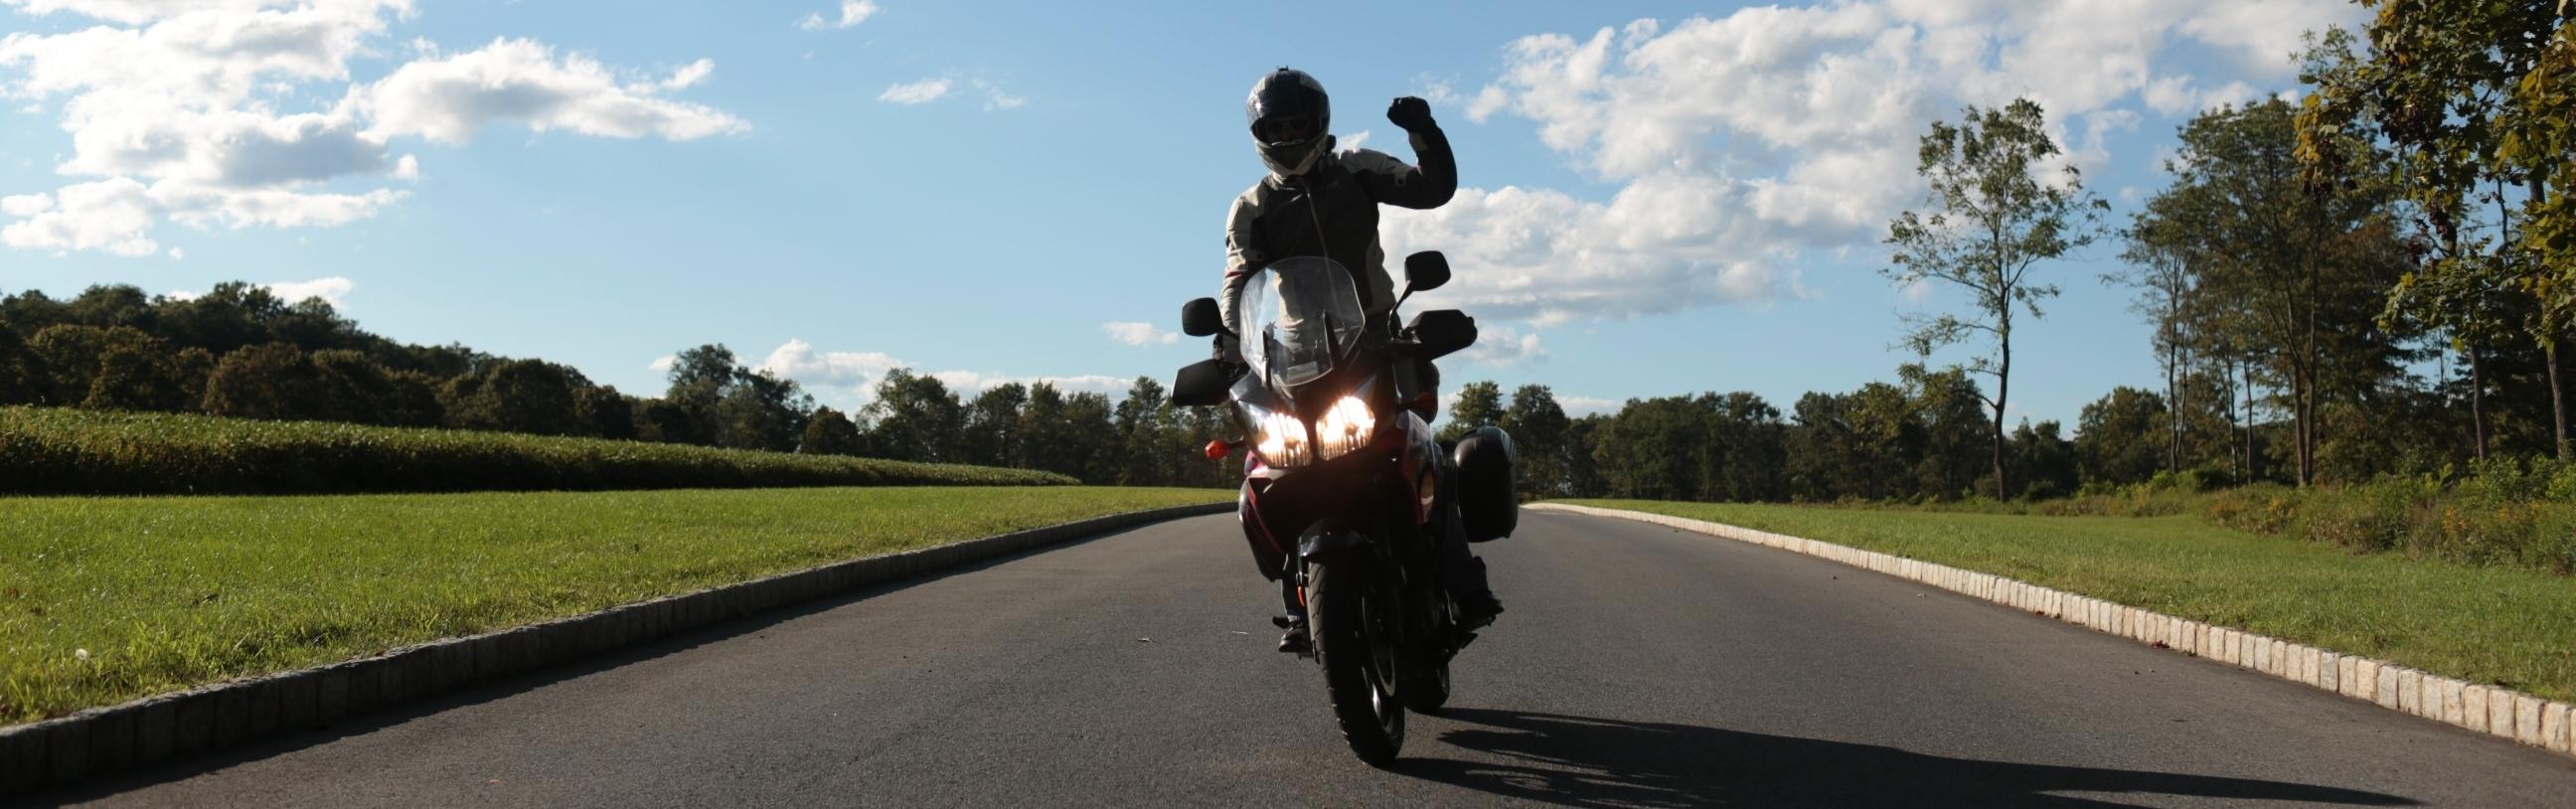 Zen Motorcyclist